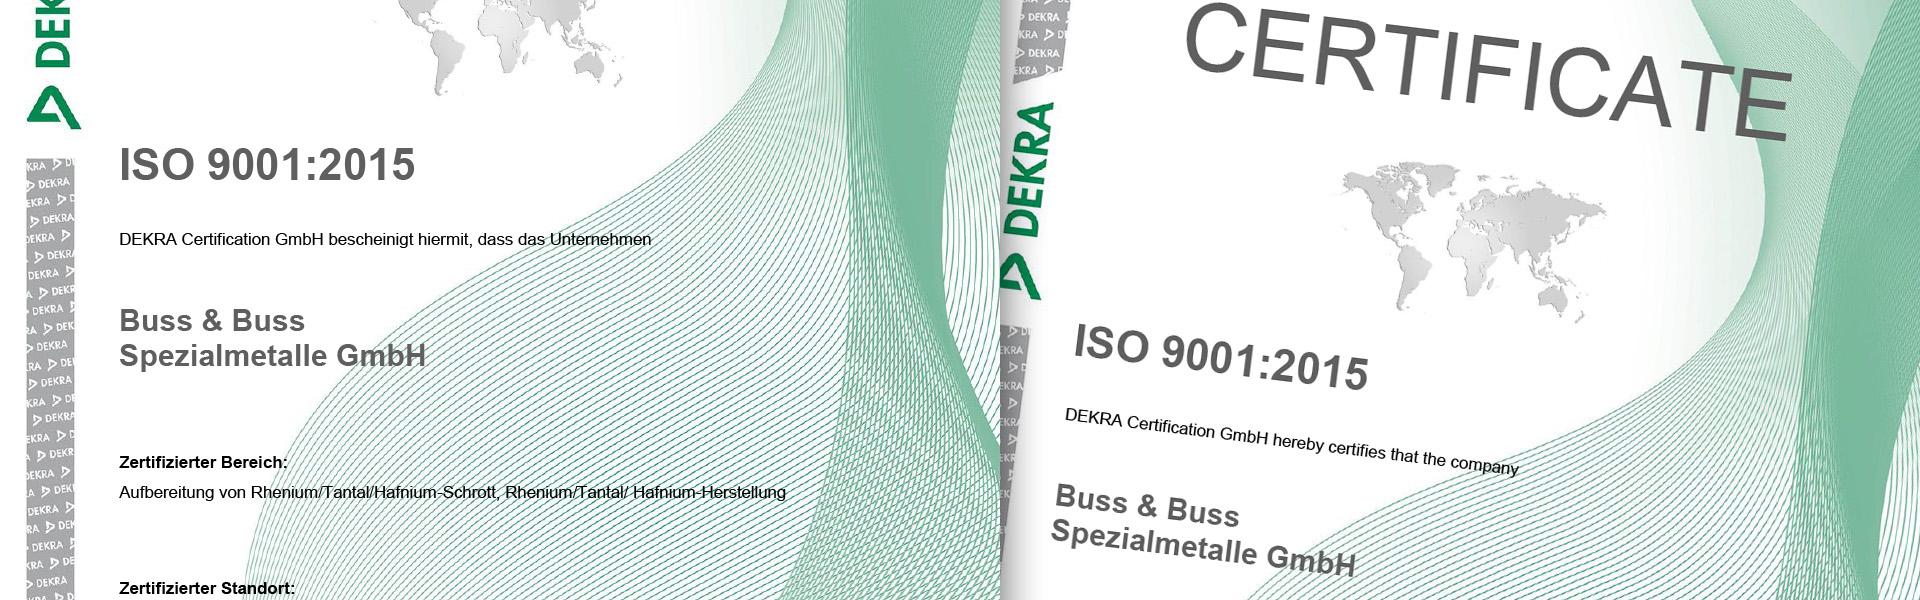 ISO-Zertifizierung für Tantal-Recycling, Buss & Buss GmbH